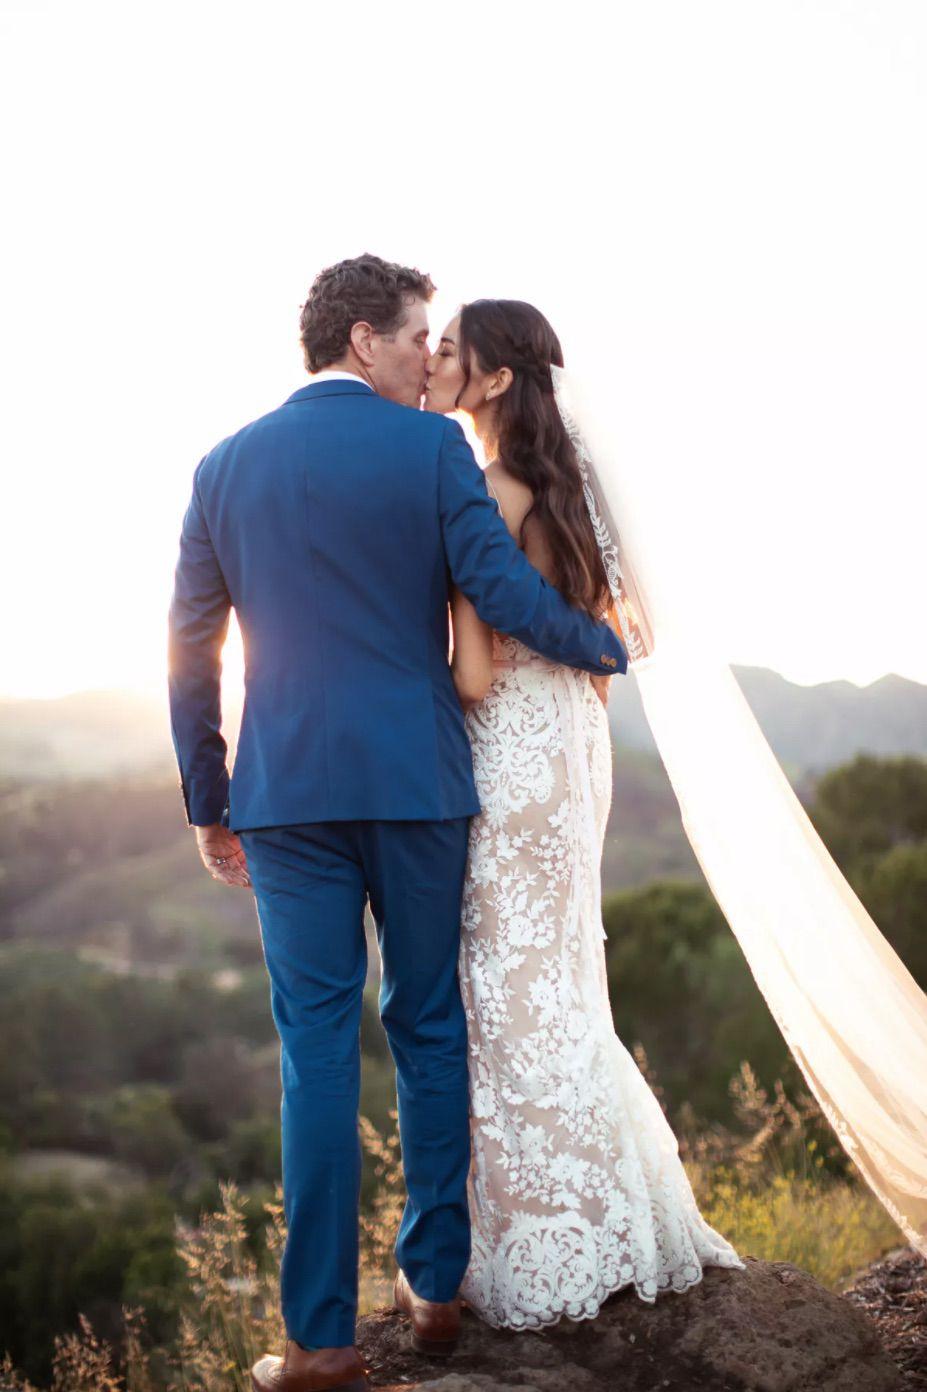 Back shot of newlyweds kissing